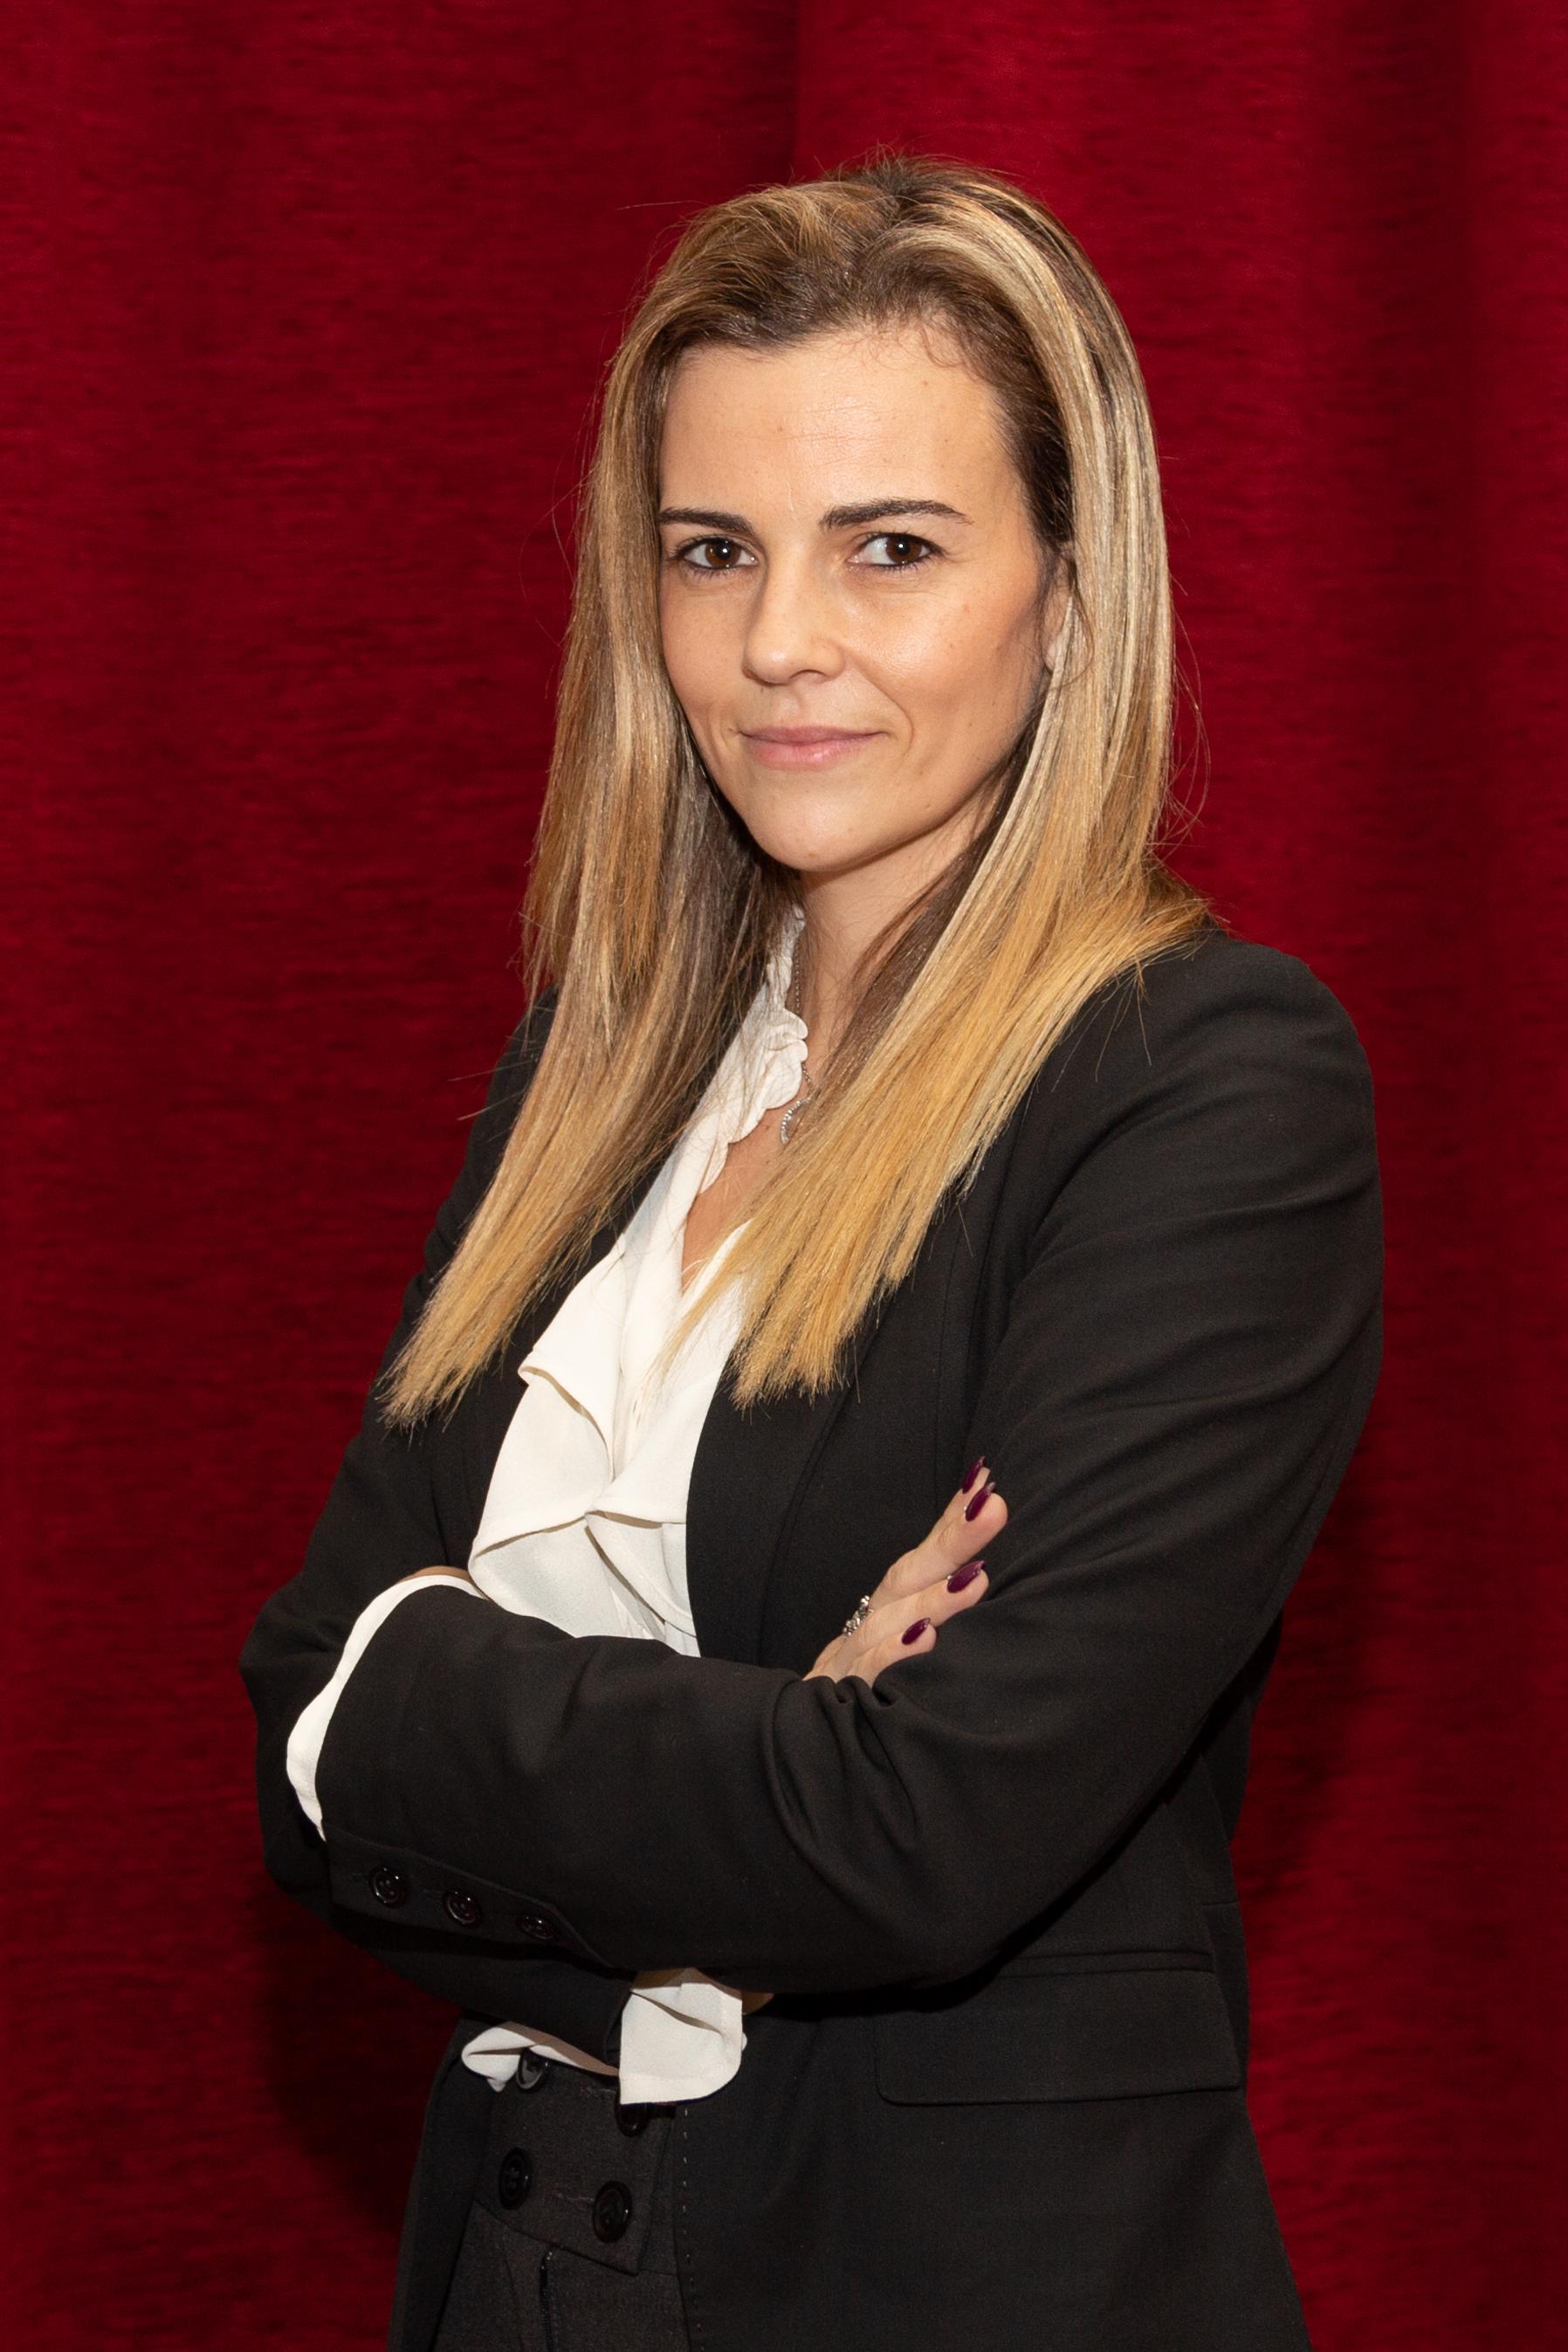 Silvia Sofia Fernandes dos Santos